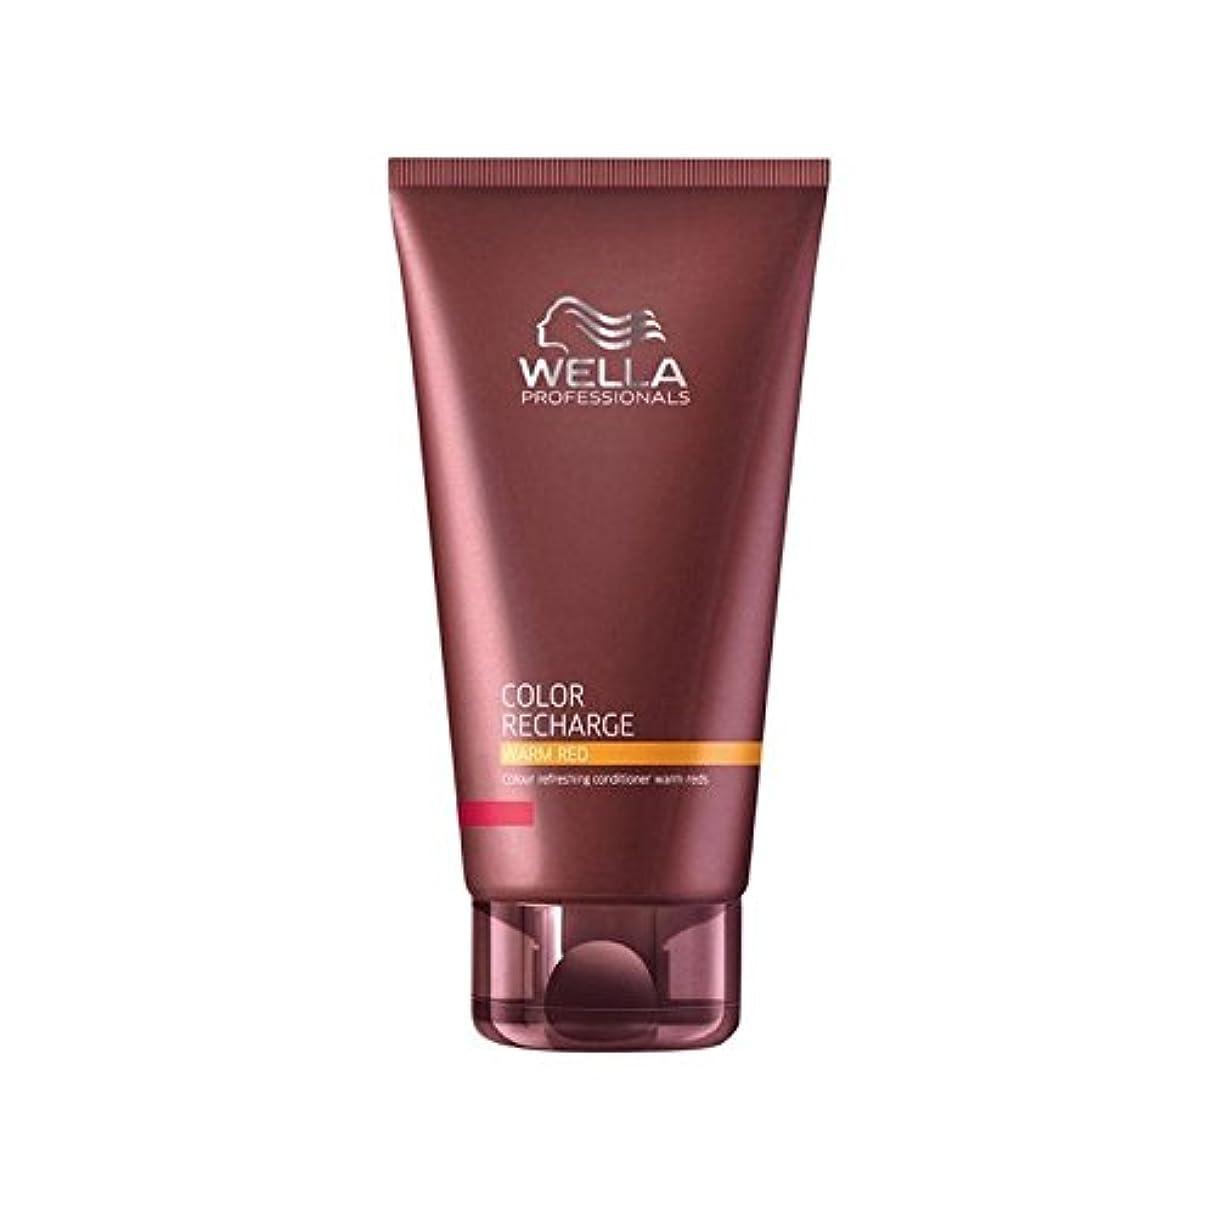 ファイナンス虚弱シーフードウエラ専門家のカラー再充電コンディショナー暖かい赤(200ミリリットル) x4 - Wella Professionals Color Recharge Conditioner Warm Red (200ml) (Pack...